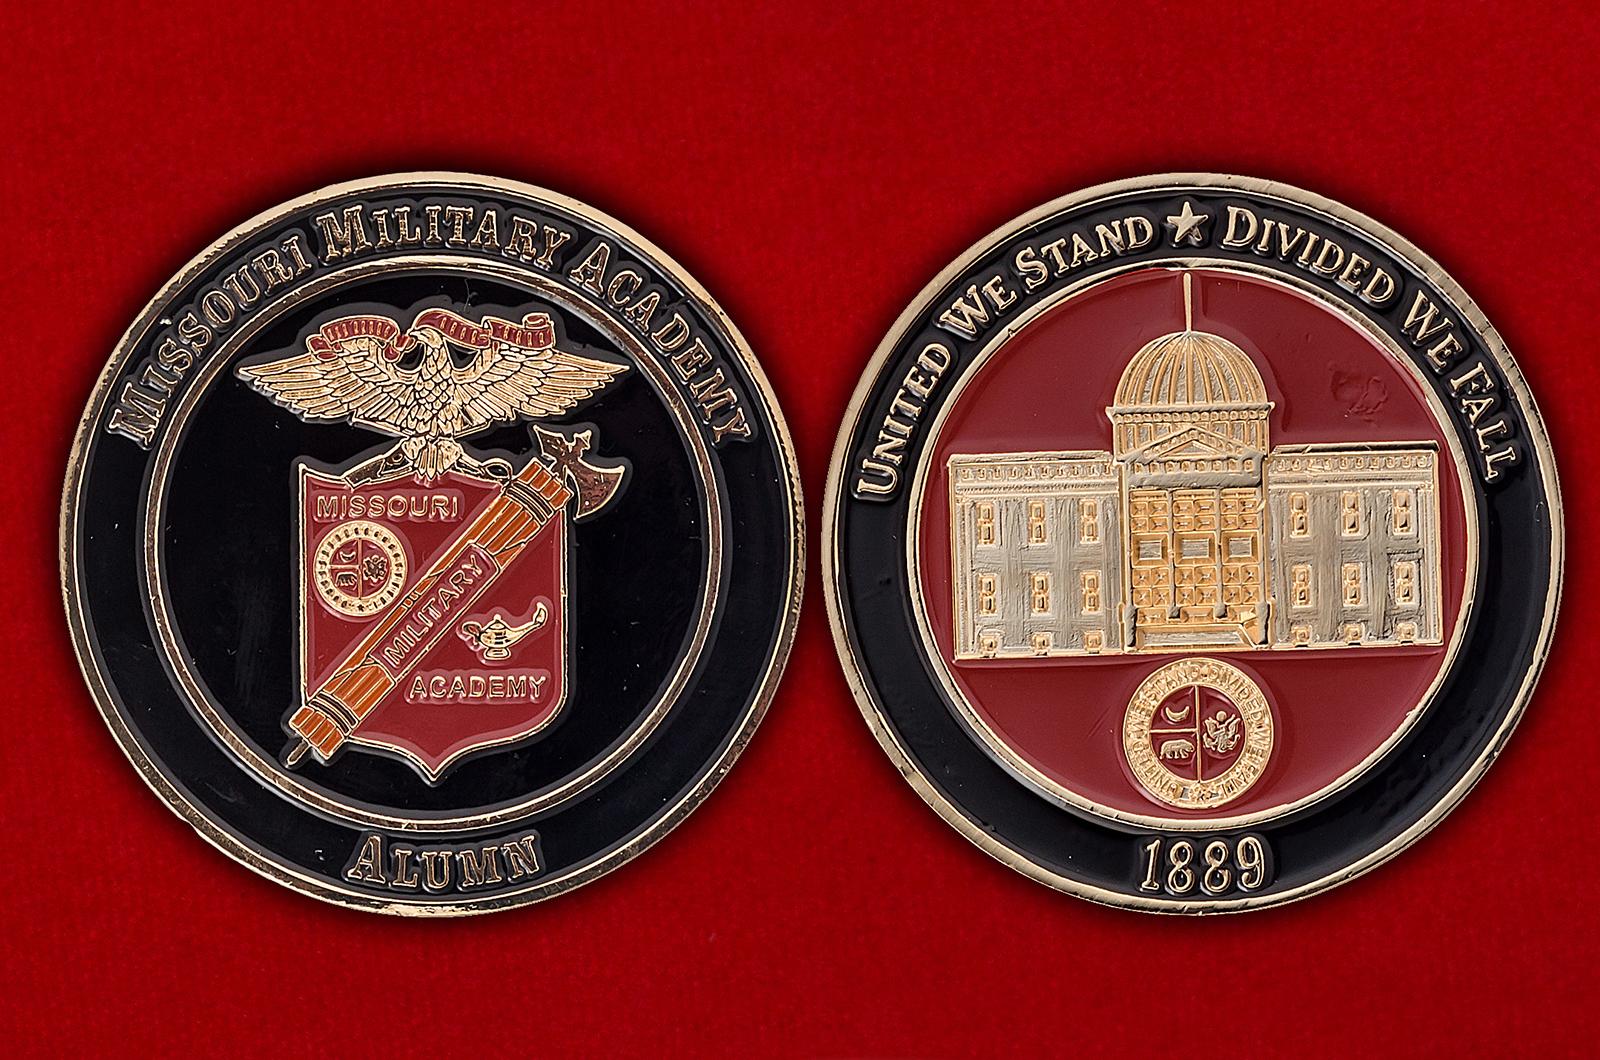 Челлендж коин частной военной академии для мальчиков в Миссури